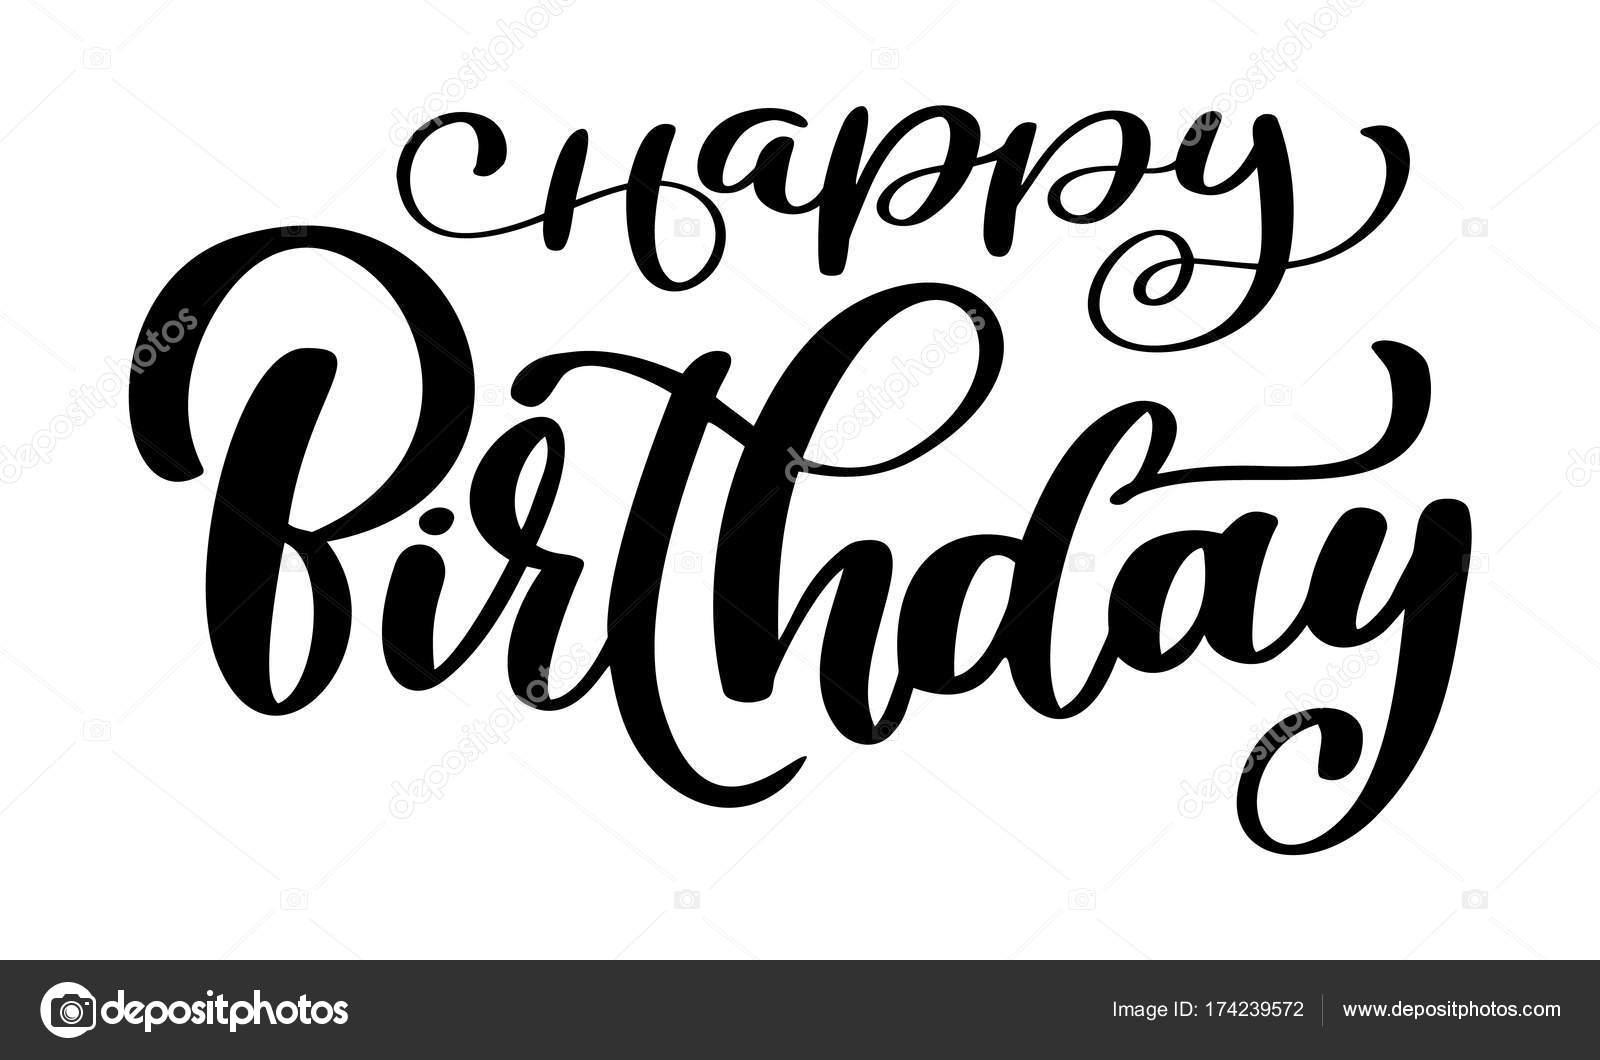 Glucklich BirthdayBeautiful Grusskarte Zerkratzt Kalligraphie Schwarzen Text Wort Gold Sterne Handgezeichnete Einladung T Shirt Print Design